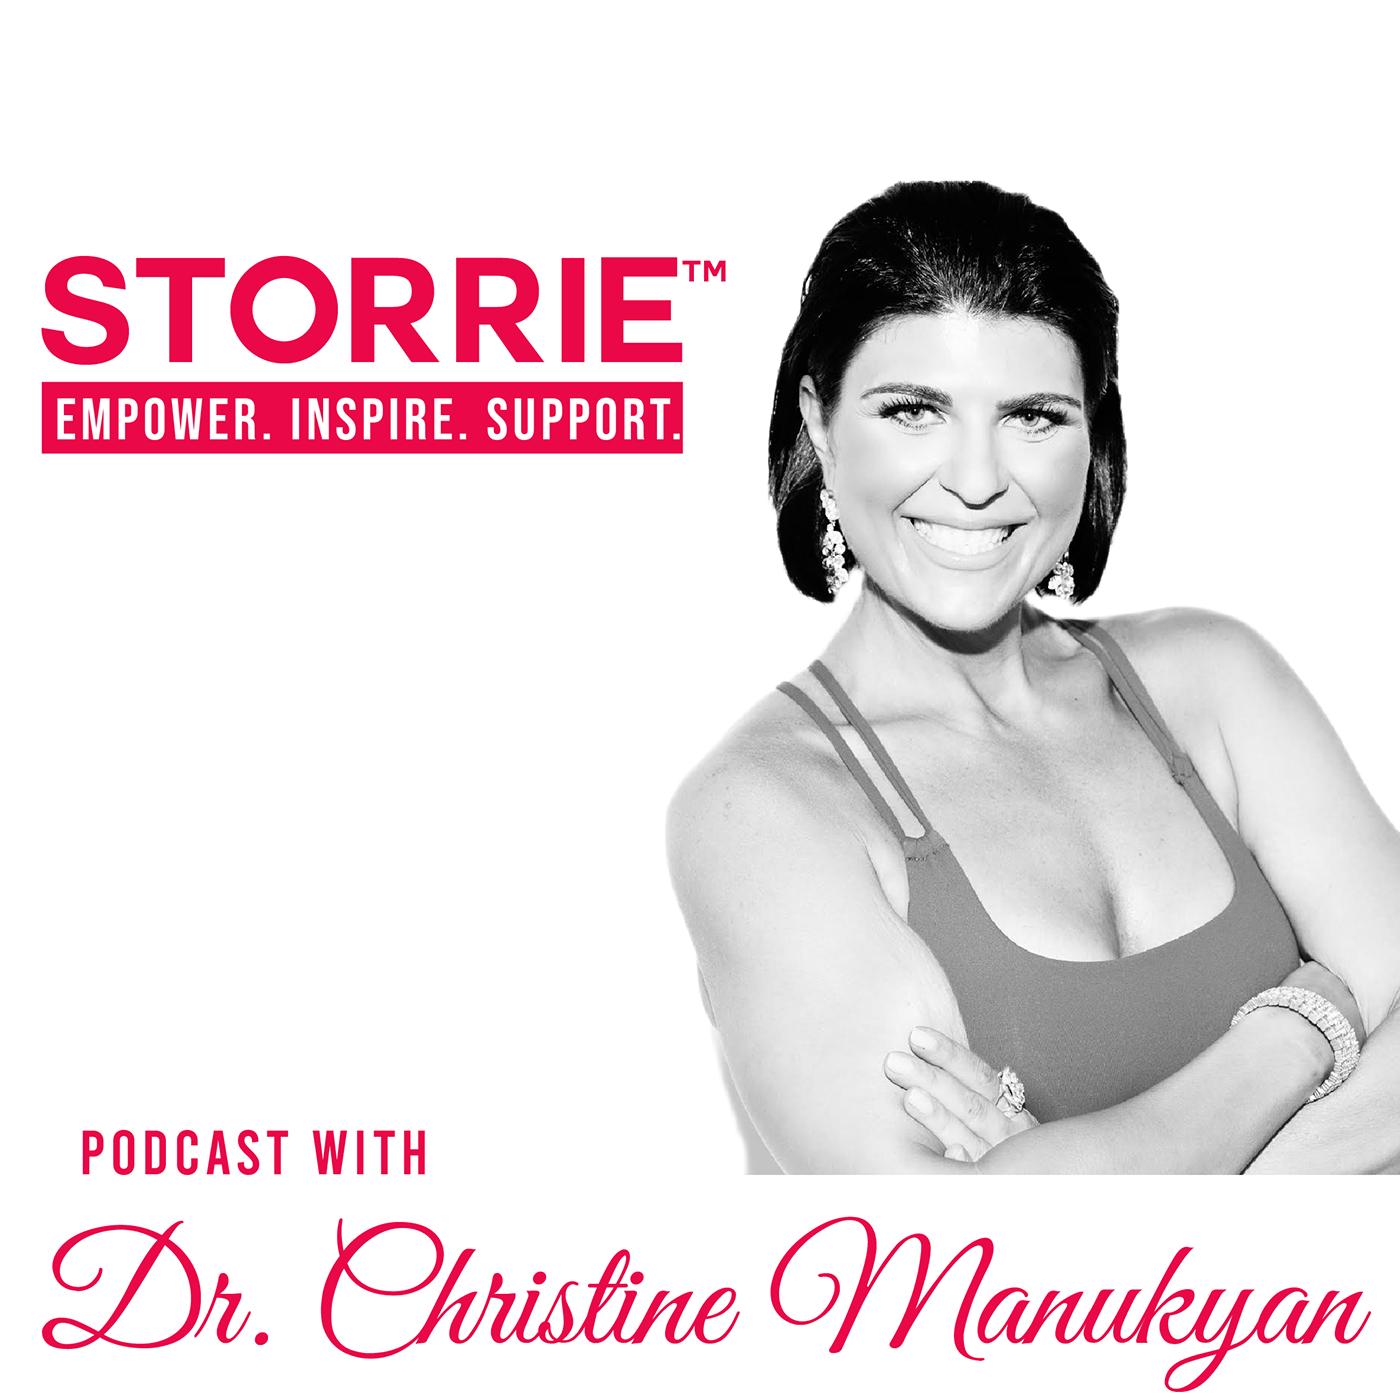 STORRIE Podcast